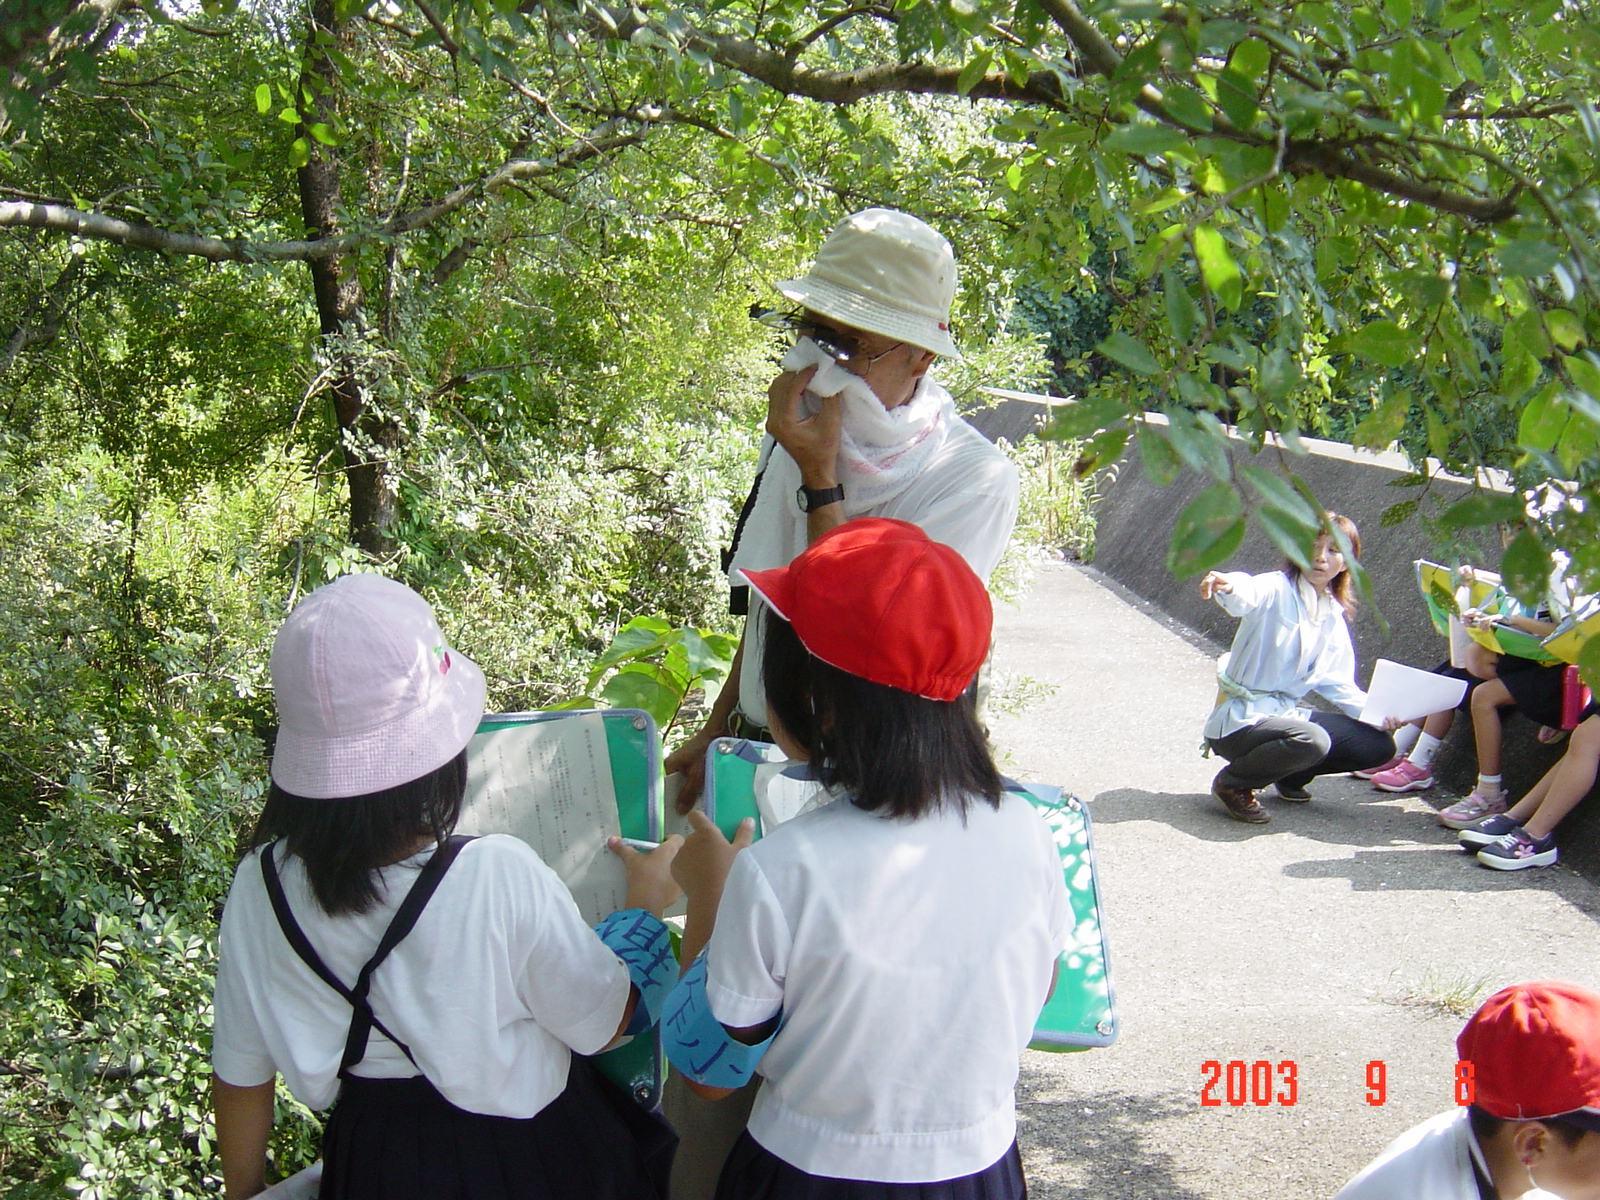 うみべの森の歴史⑮「2003年9月の活動」_c0108460_11403755.jpg